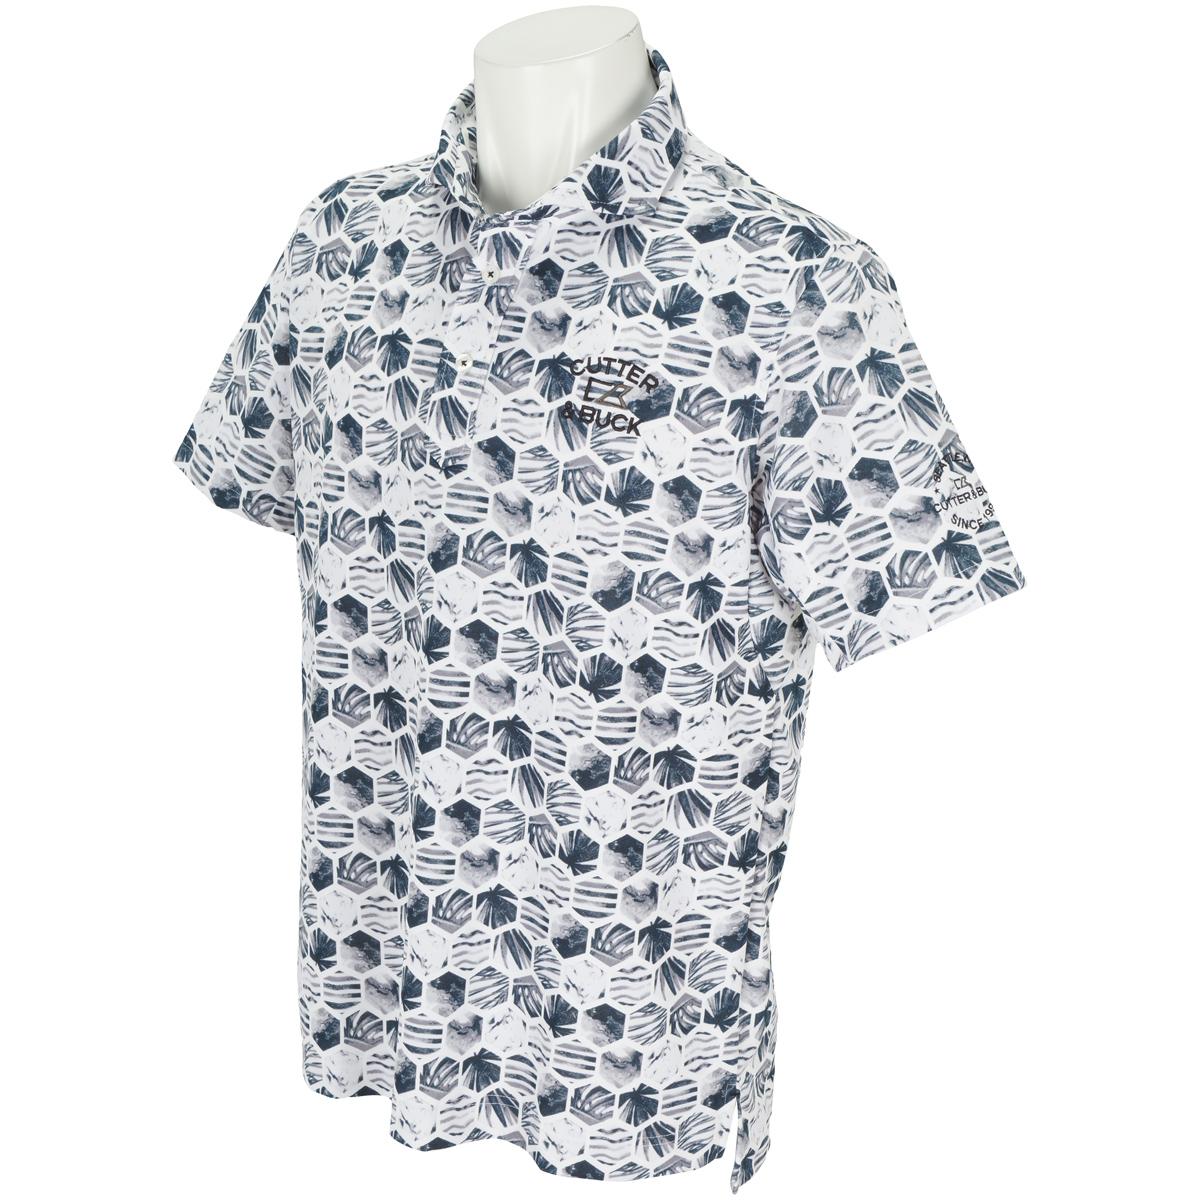 鹿の子プリント半袖ポロシャツ